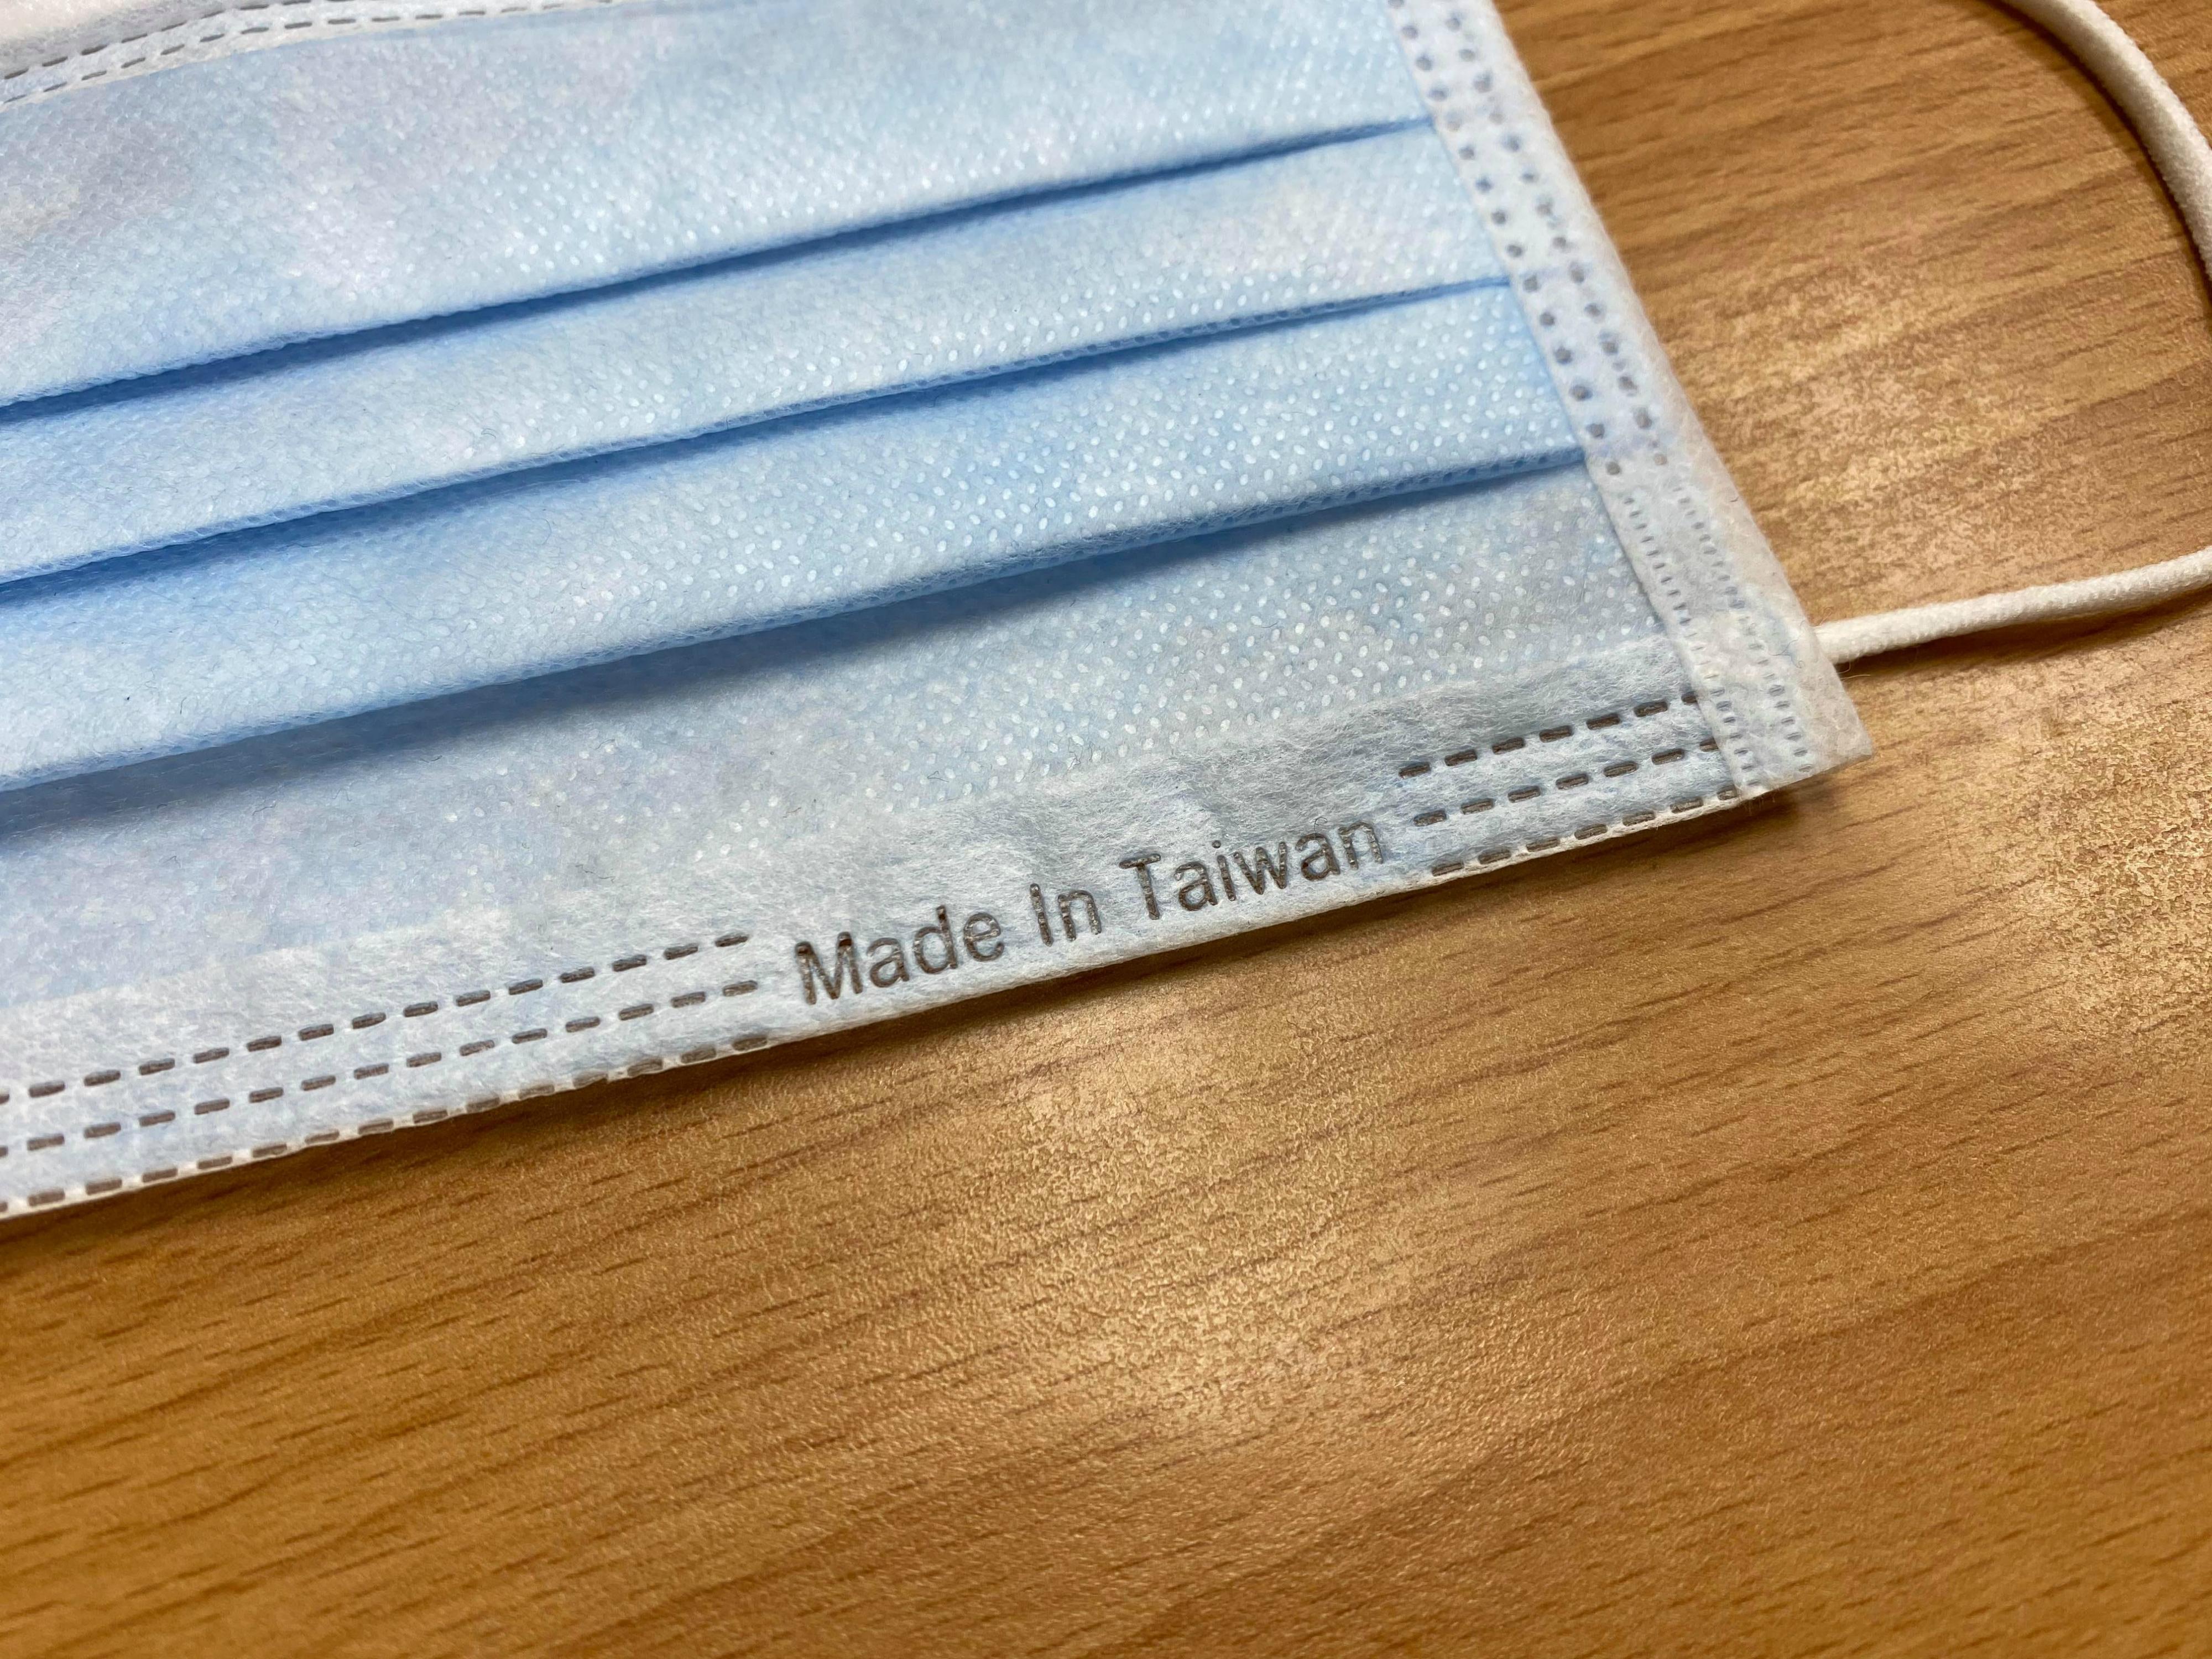 大陸山寨口罩現身台灣 被當場退貨